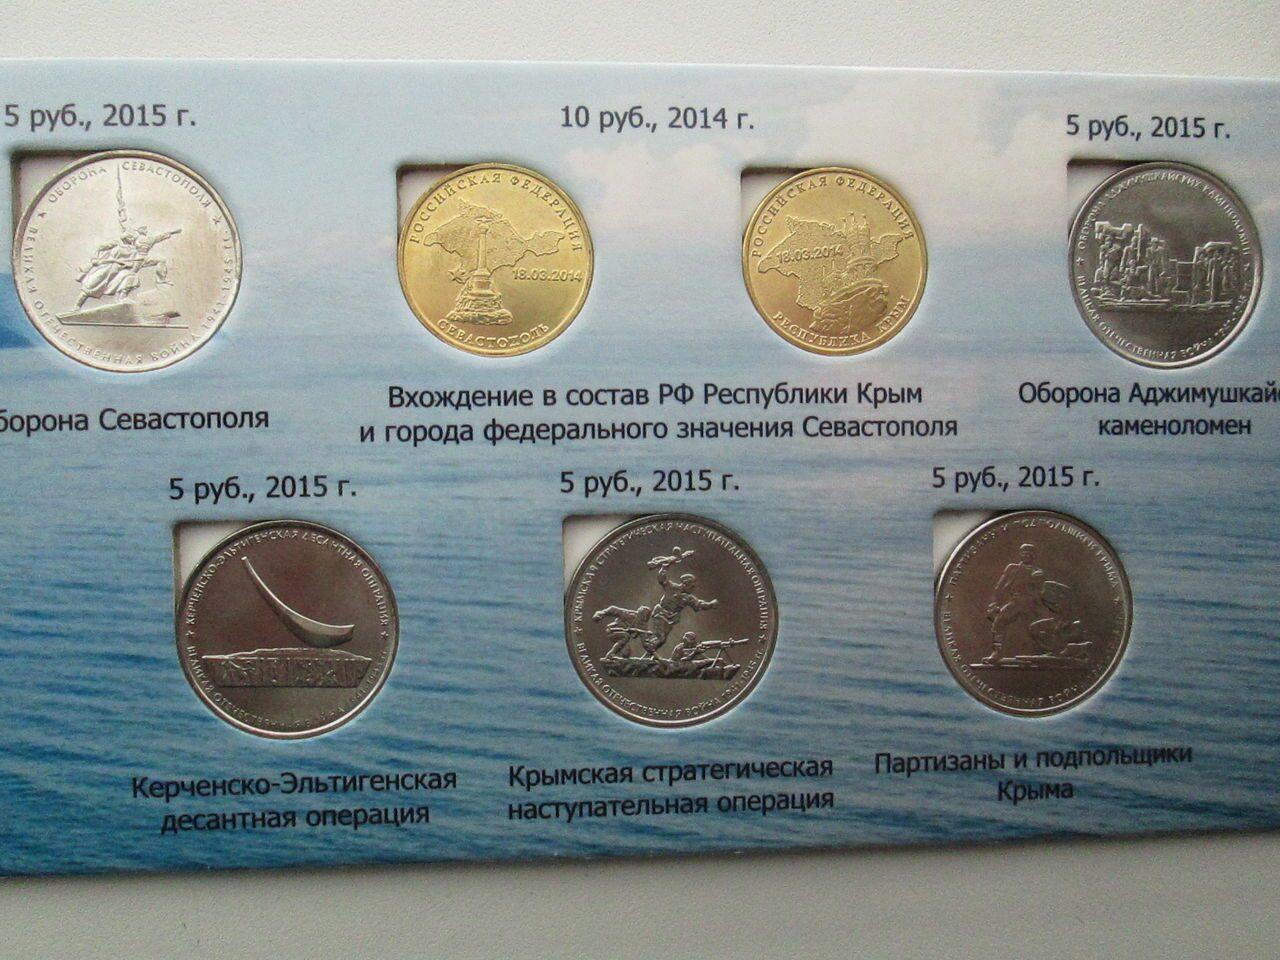 Альбом для монет купить севастополь монеты пмр 2005 регулярного чекана